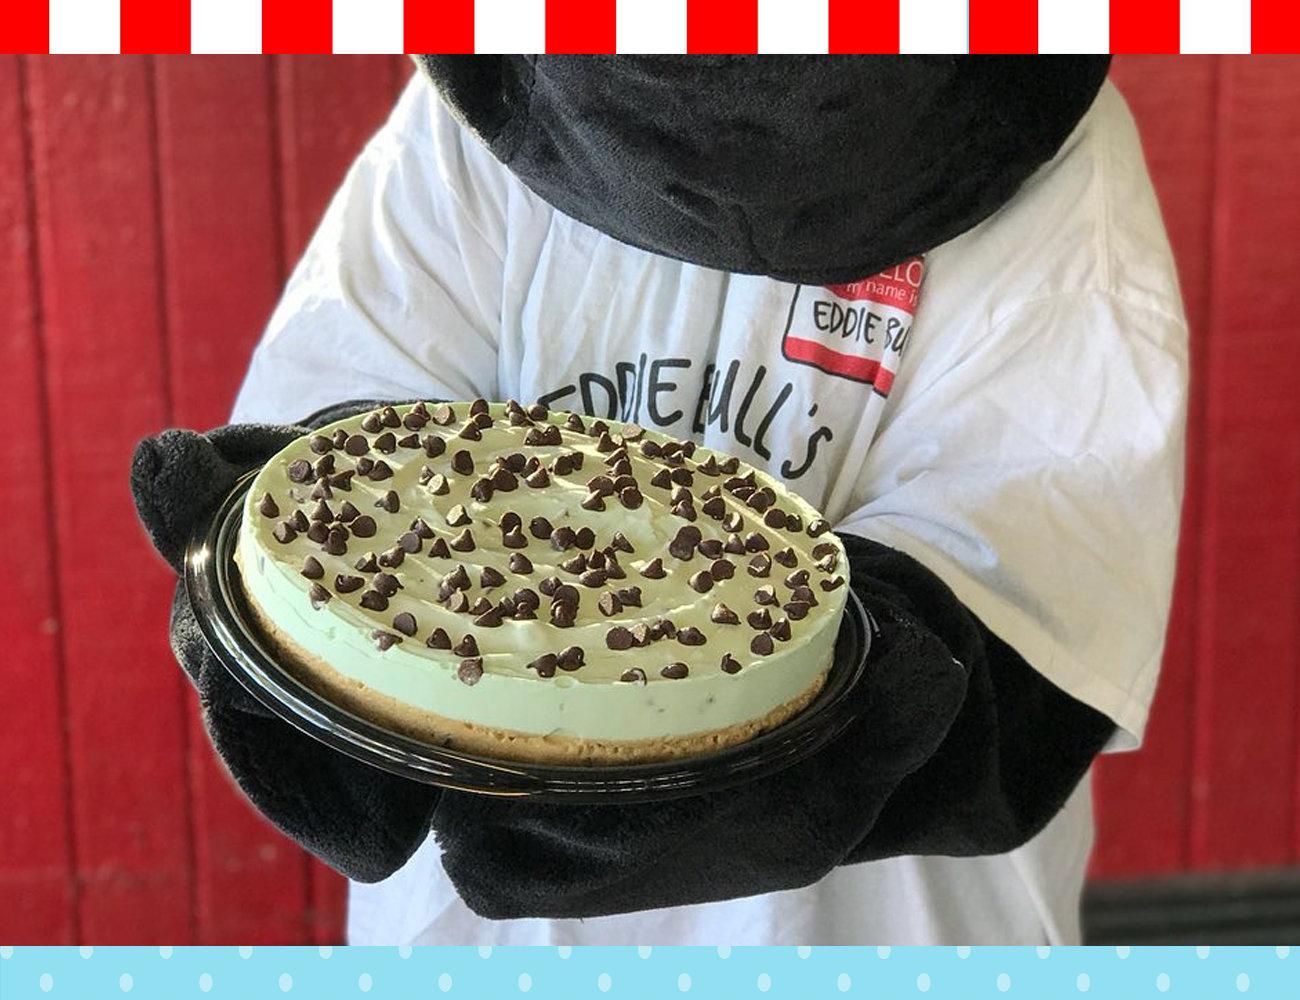 Eddie Bulls Ice Cream Cake ice cream cake